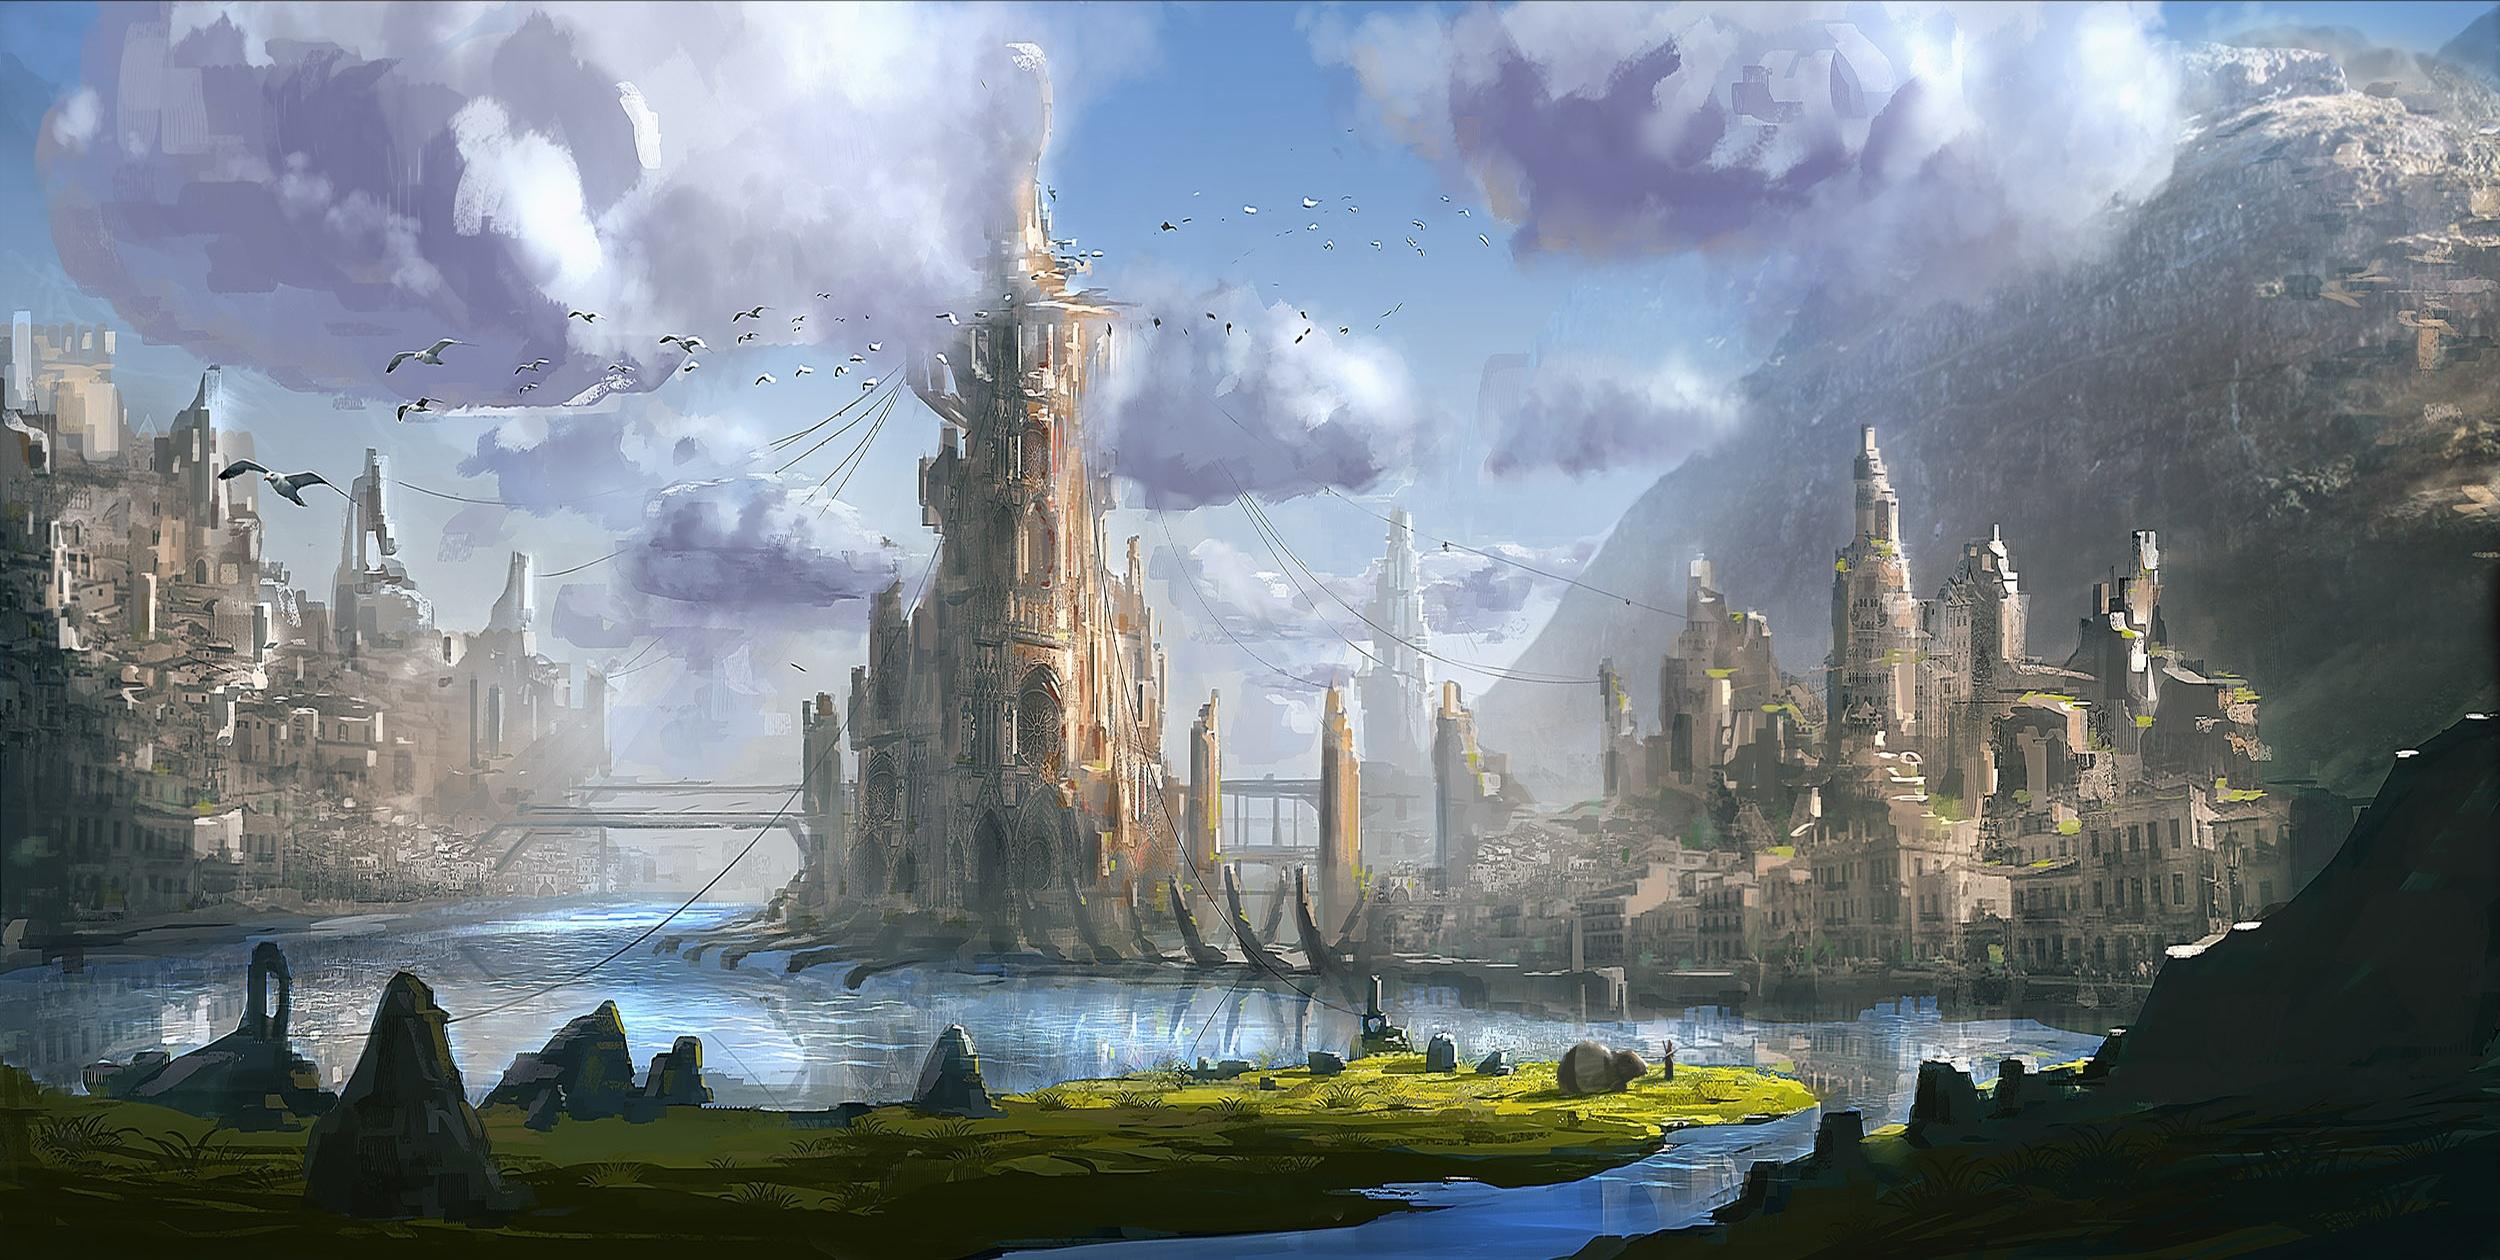 """Résultat de recherche d'images pour """"citadelle fantasy"""""""